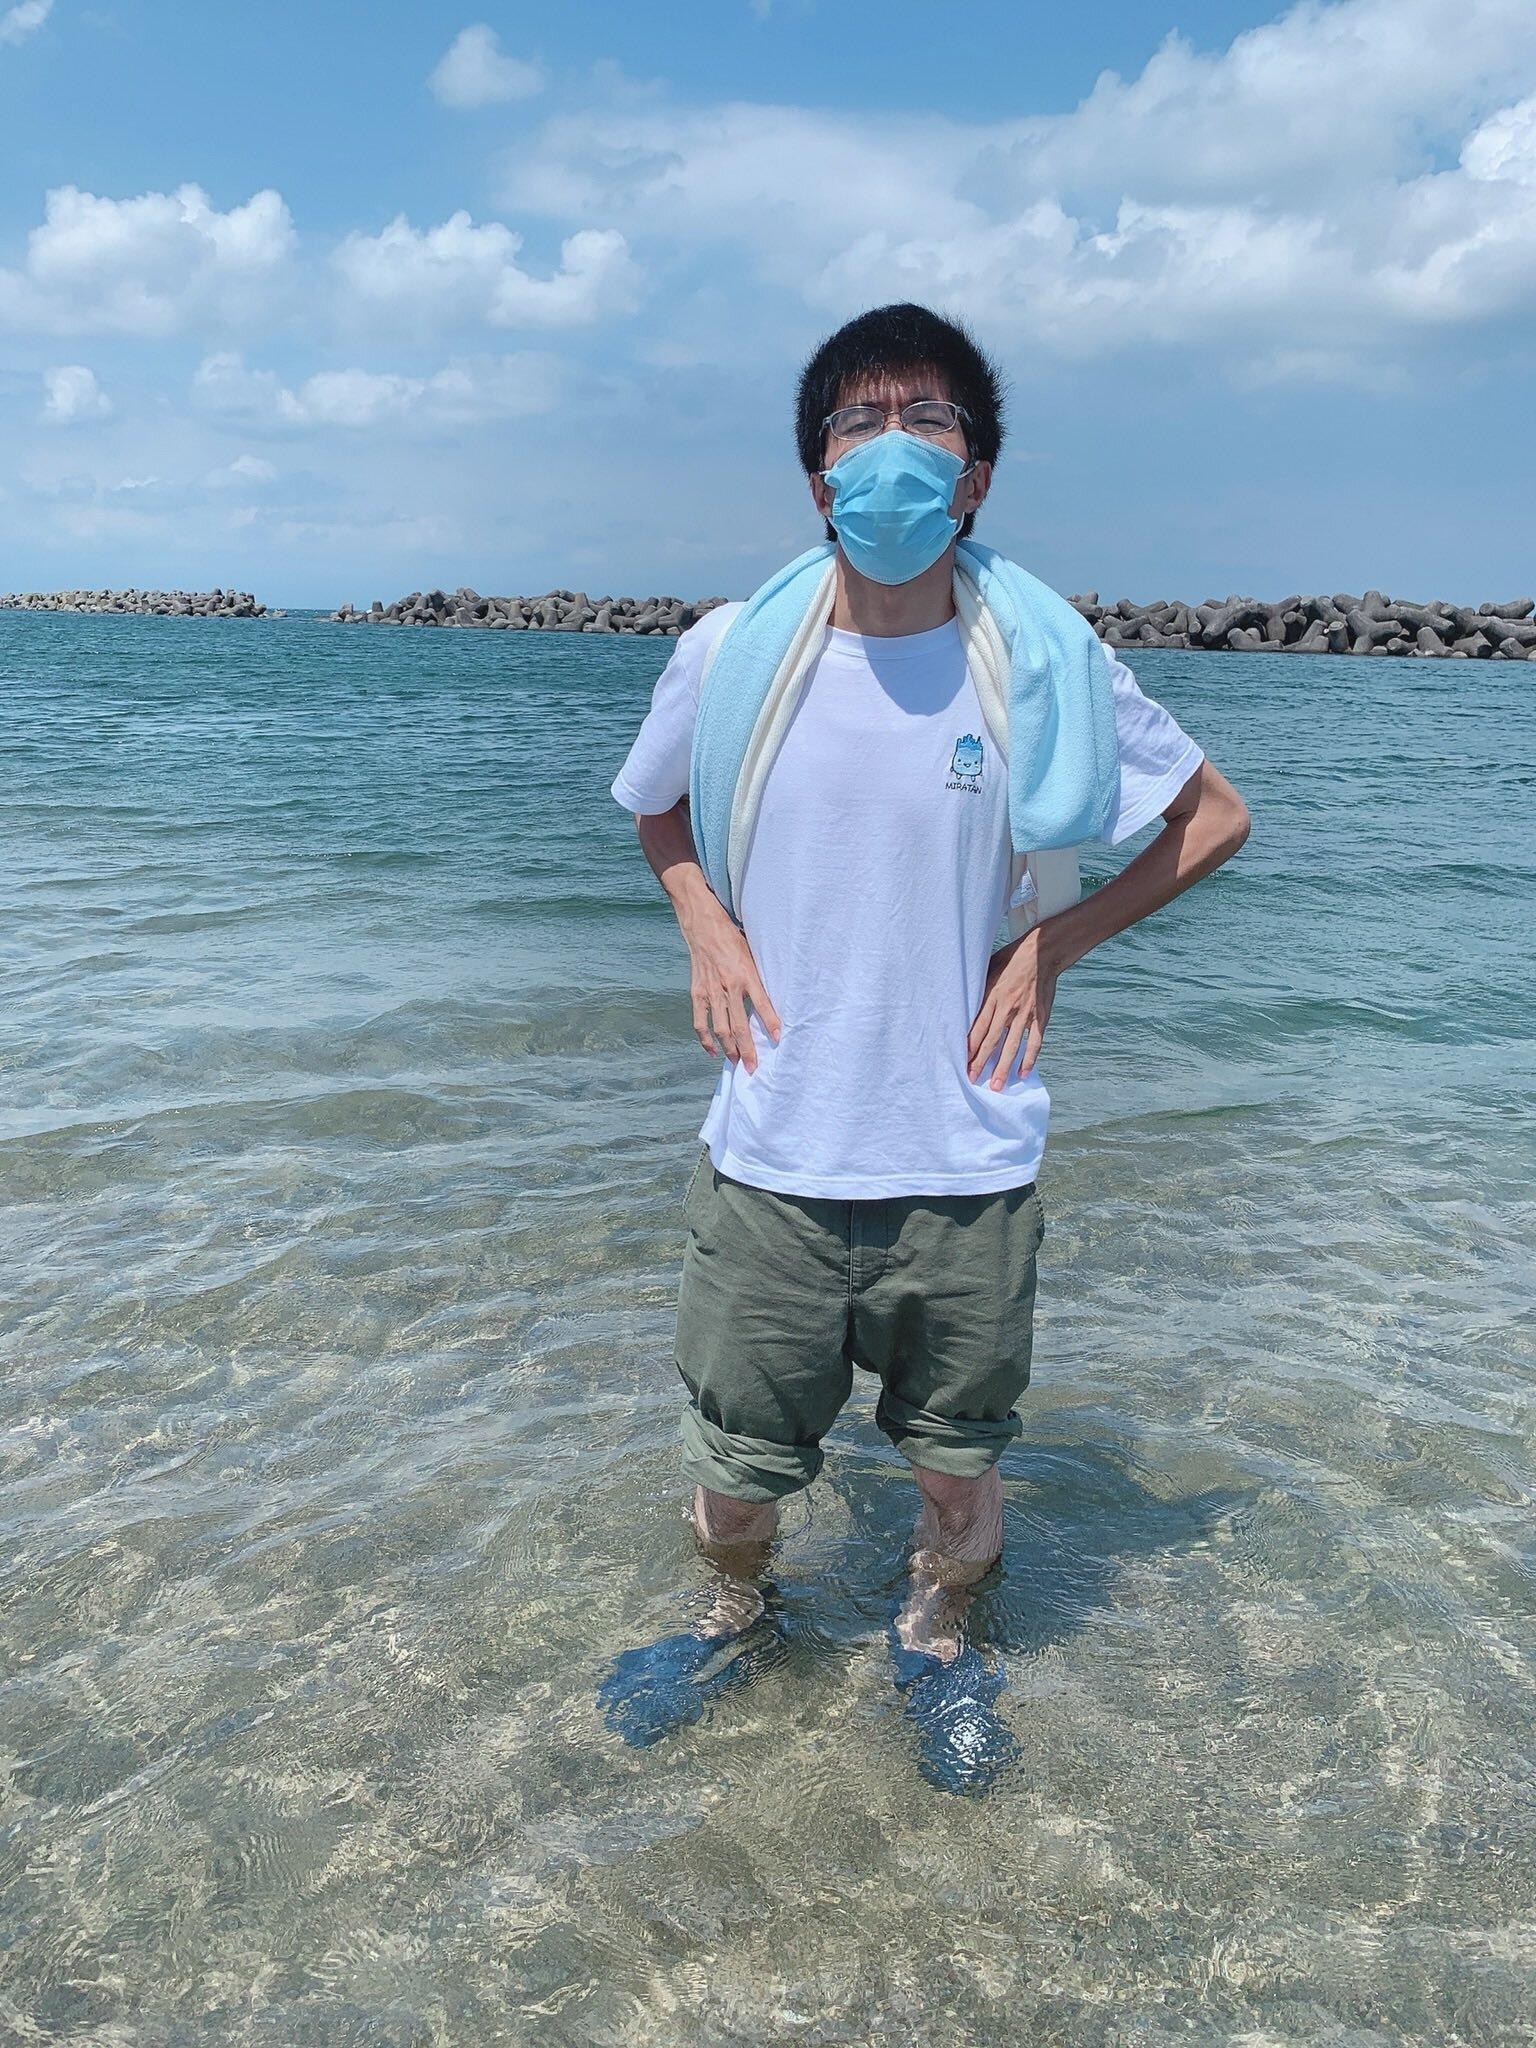 ミラたん Tシャツ 【魚津市公認】